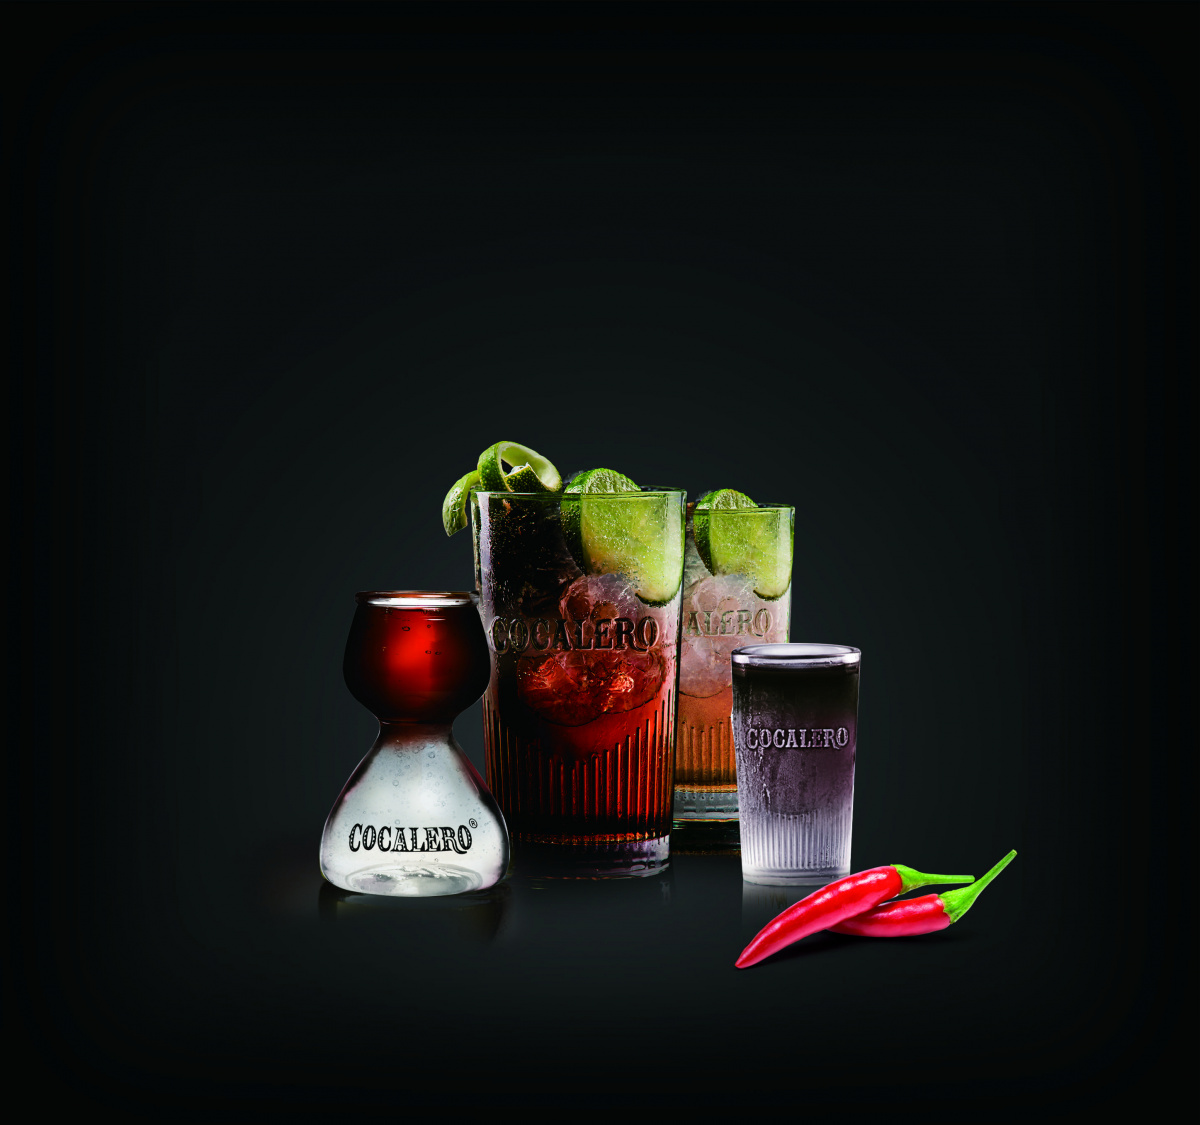 """南米から伝わる魅惑の酒、コカの葉を使った薬草リキュール「コカレロ」に、新タイプ""""ネグロ""""が登場!"""